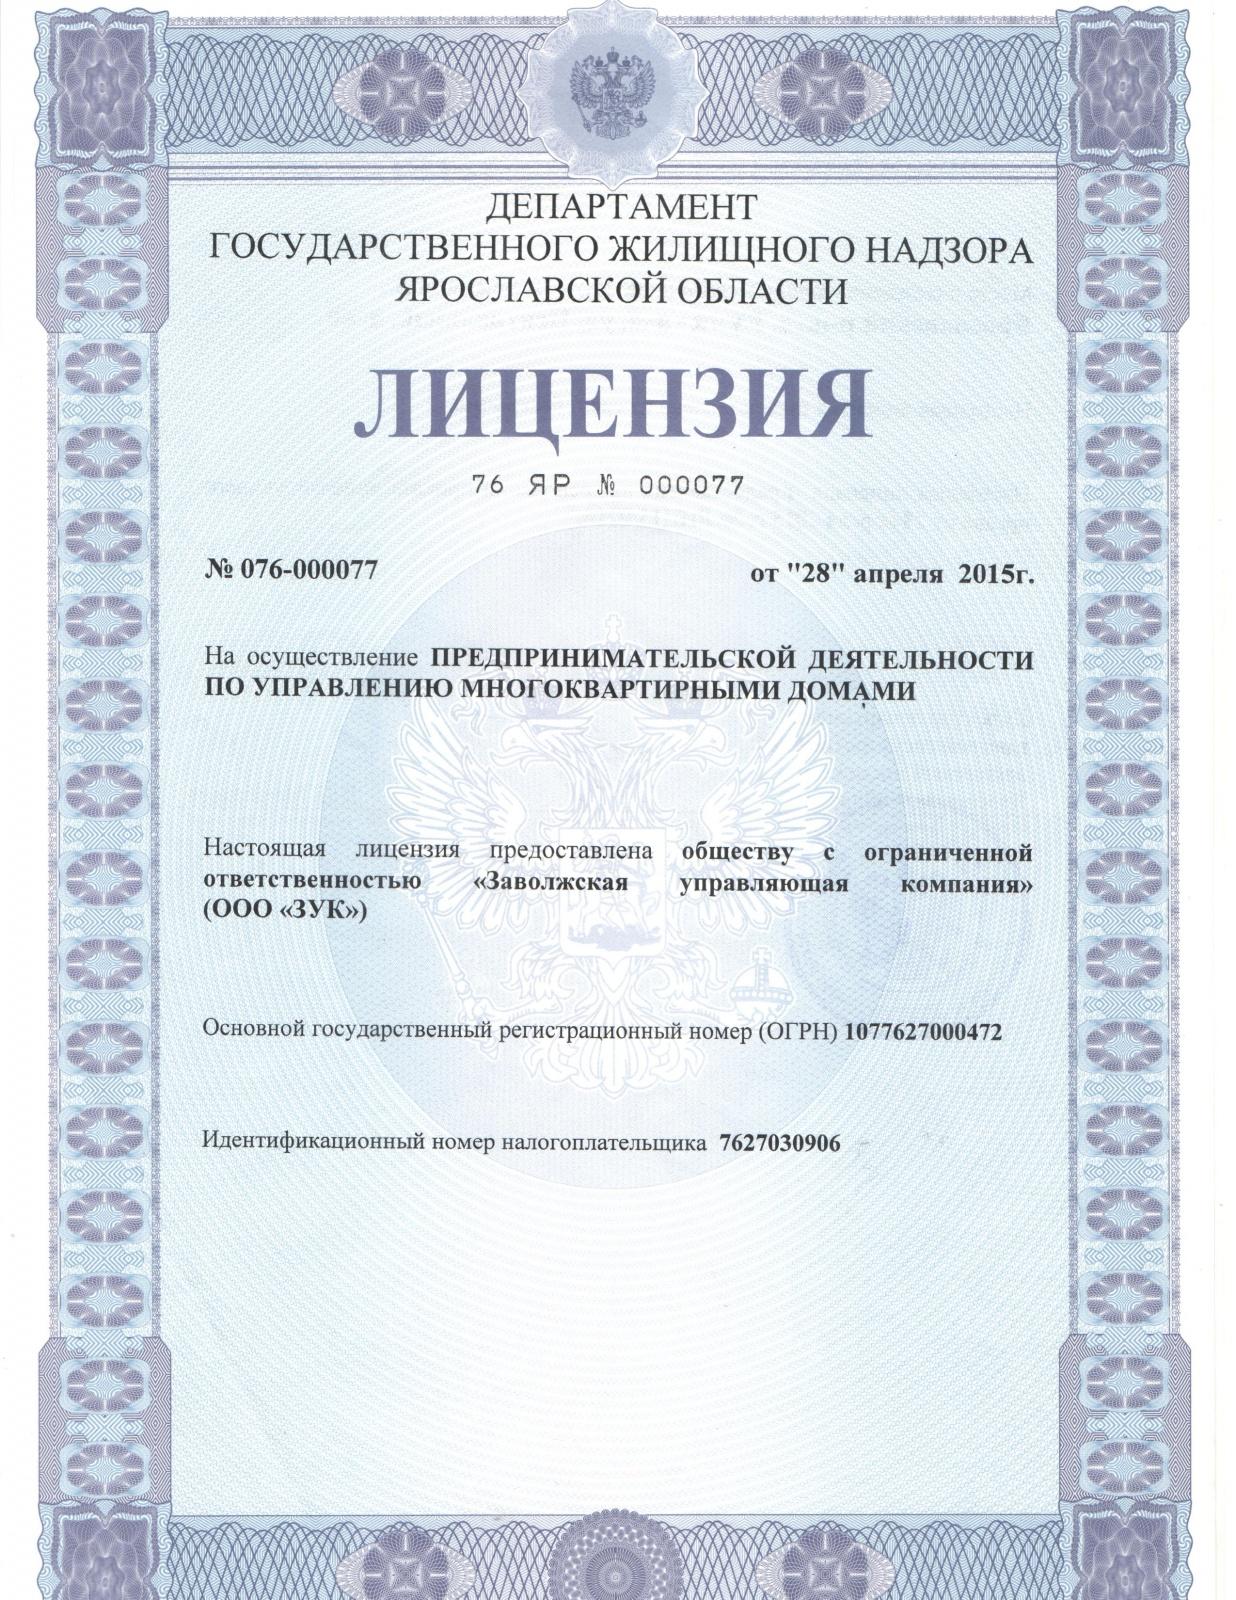 Заявление на внесение изменений в реестр ип